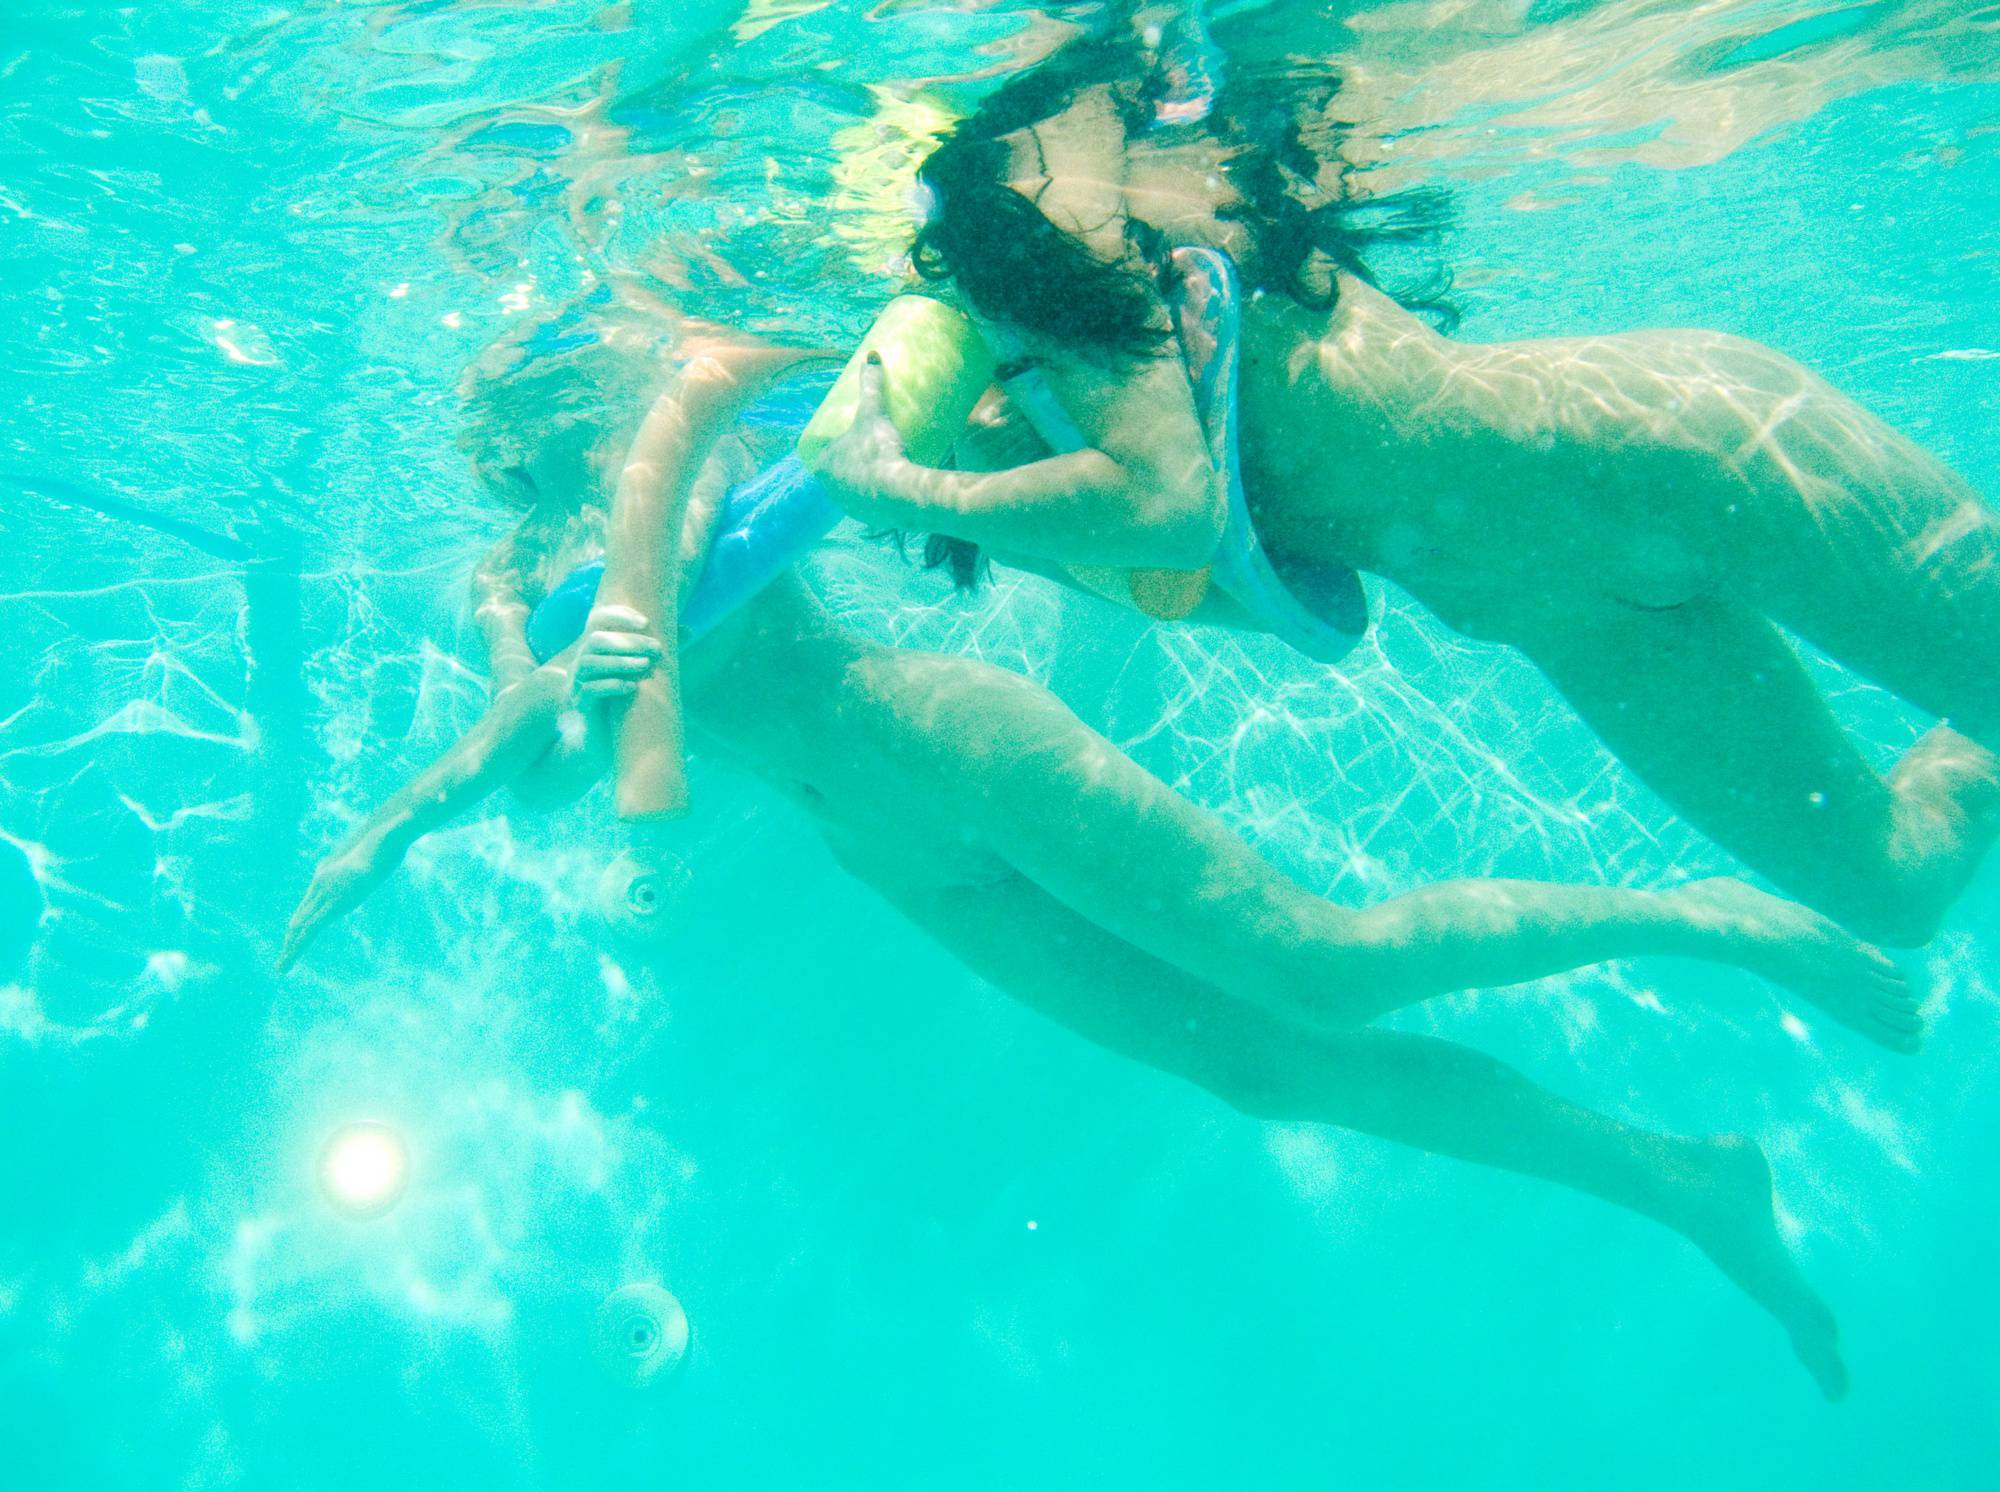 Soft Spa Underwater Girls - 2